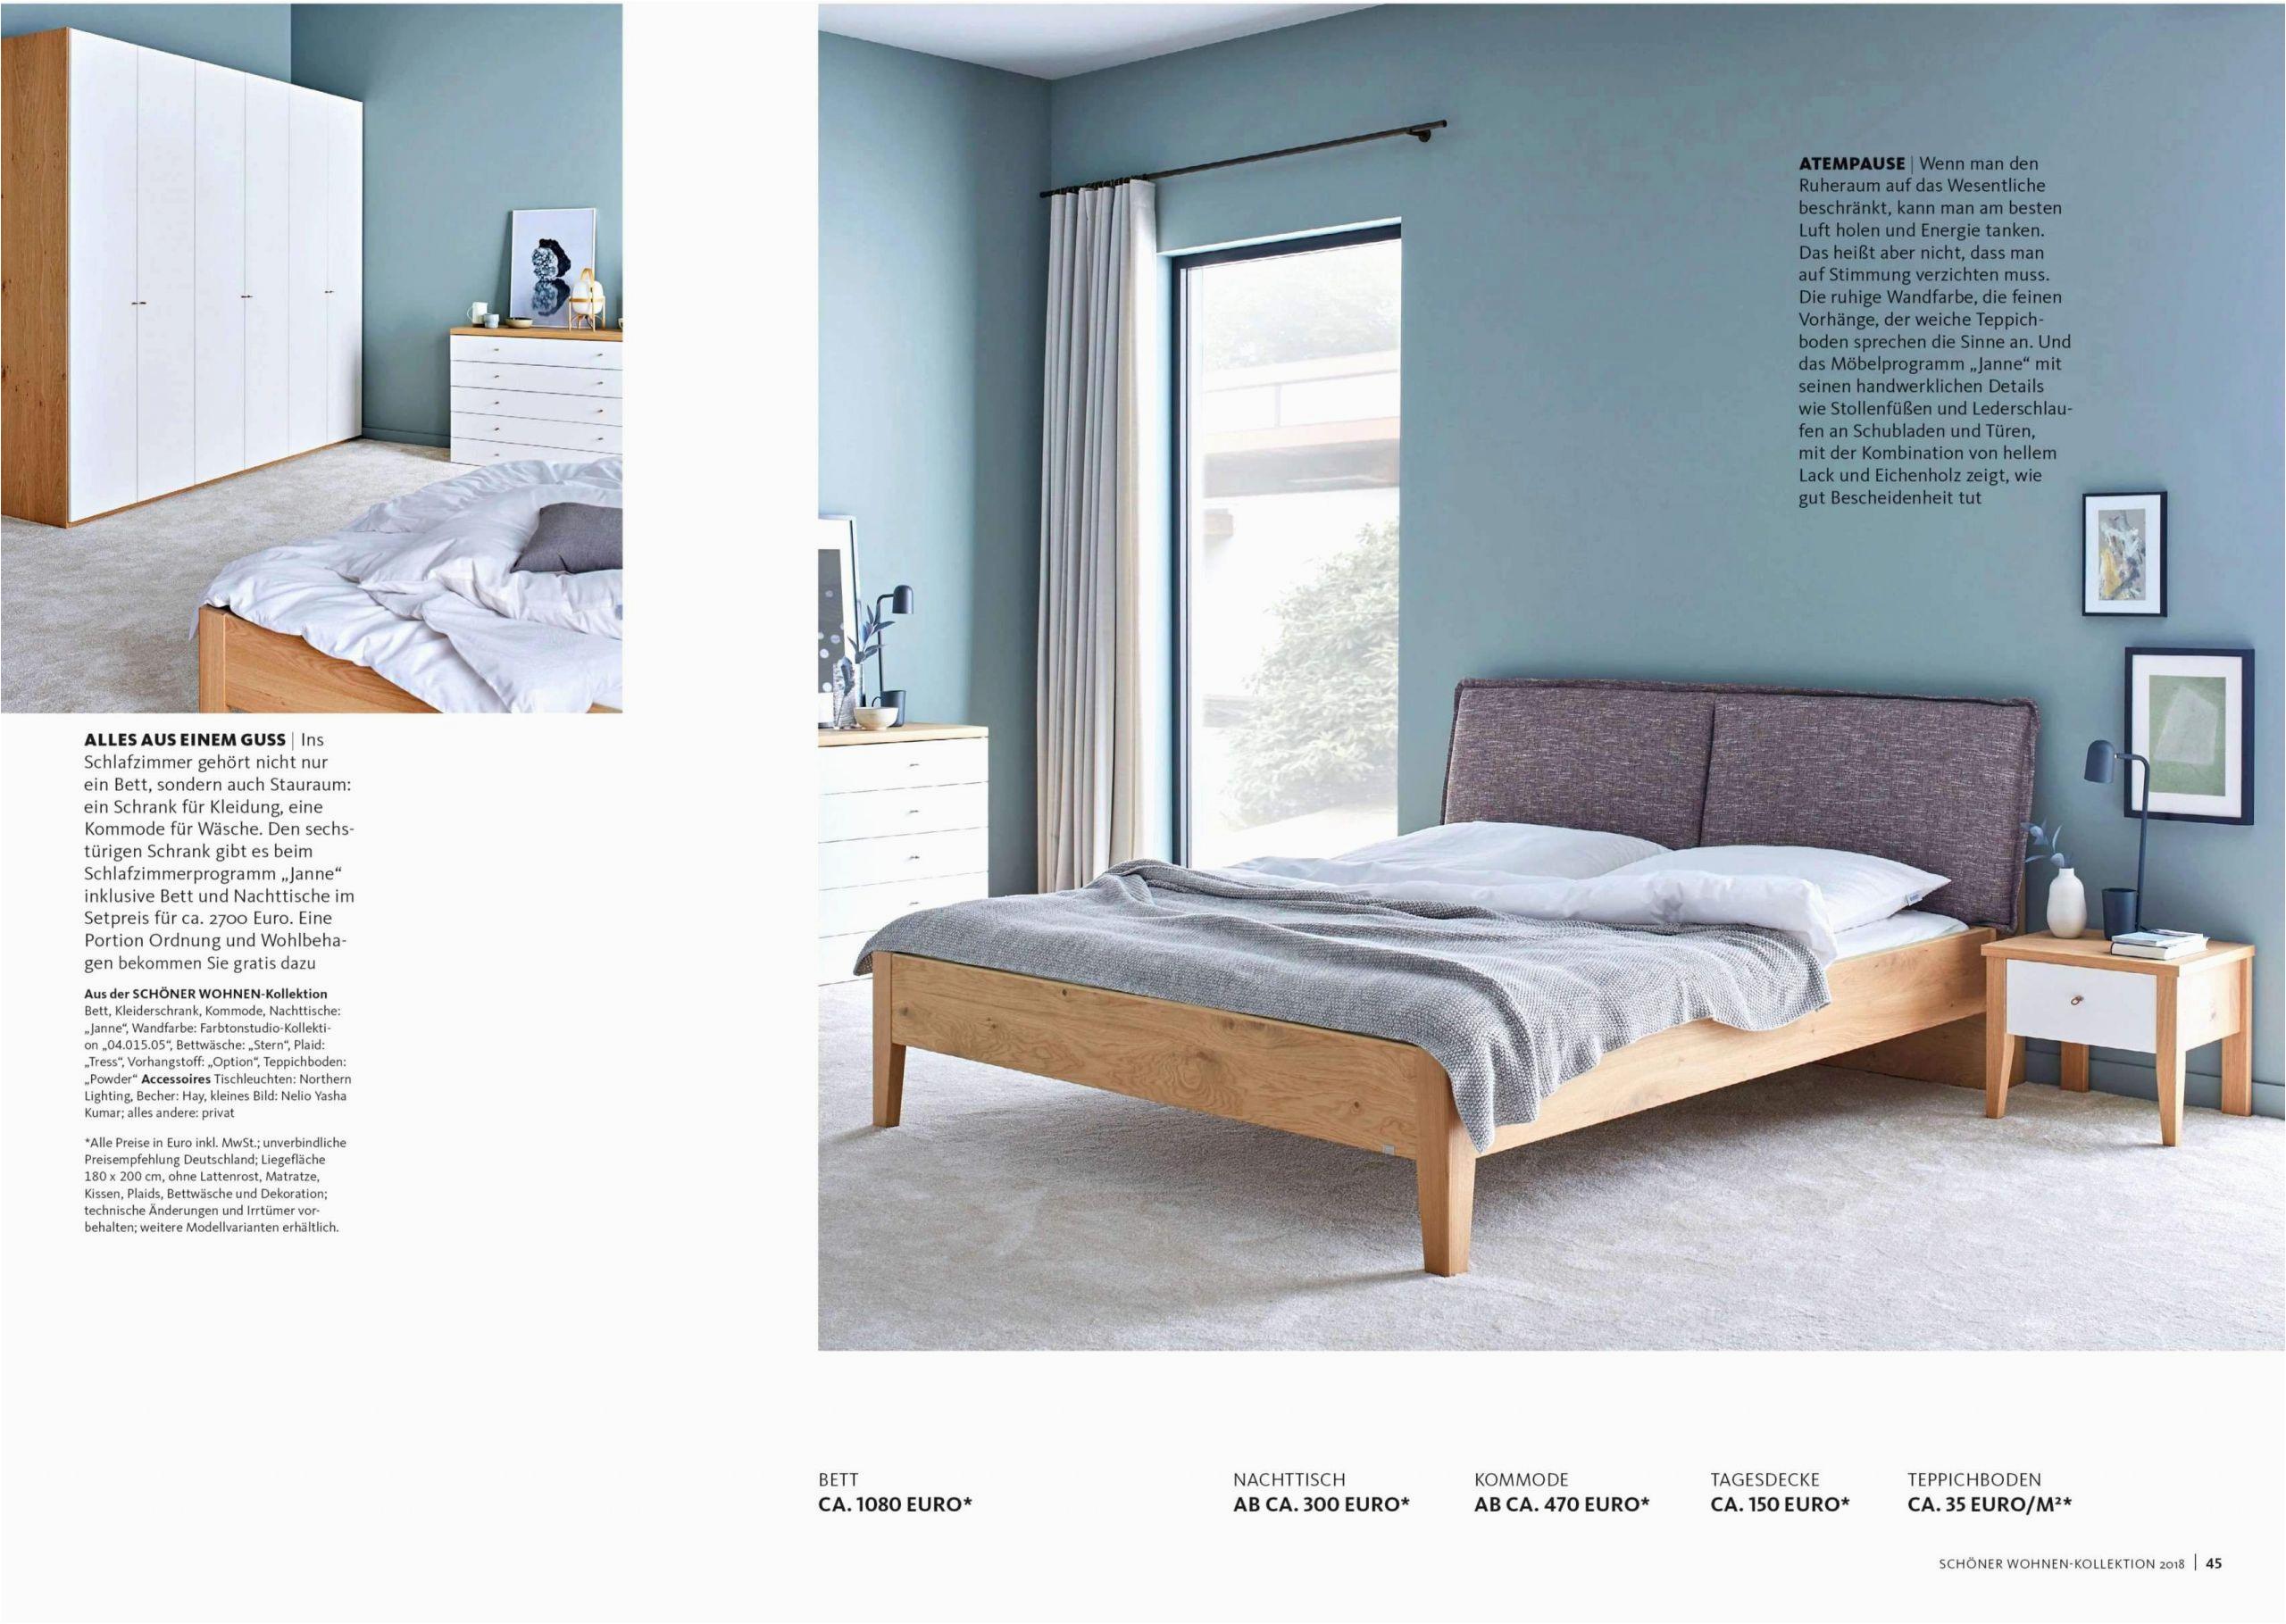 wohnzimmer planer inspirierend 36 luxus ikea schlafzimmer of wohnzimmer planer scaled